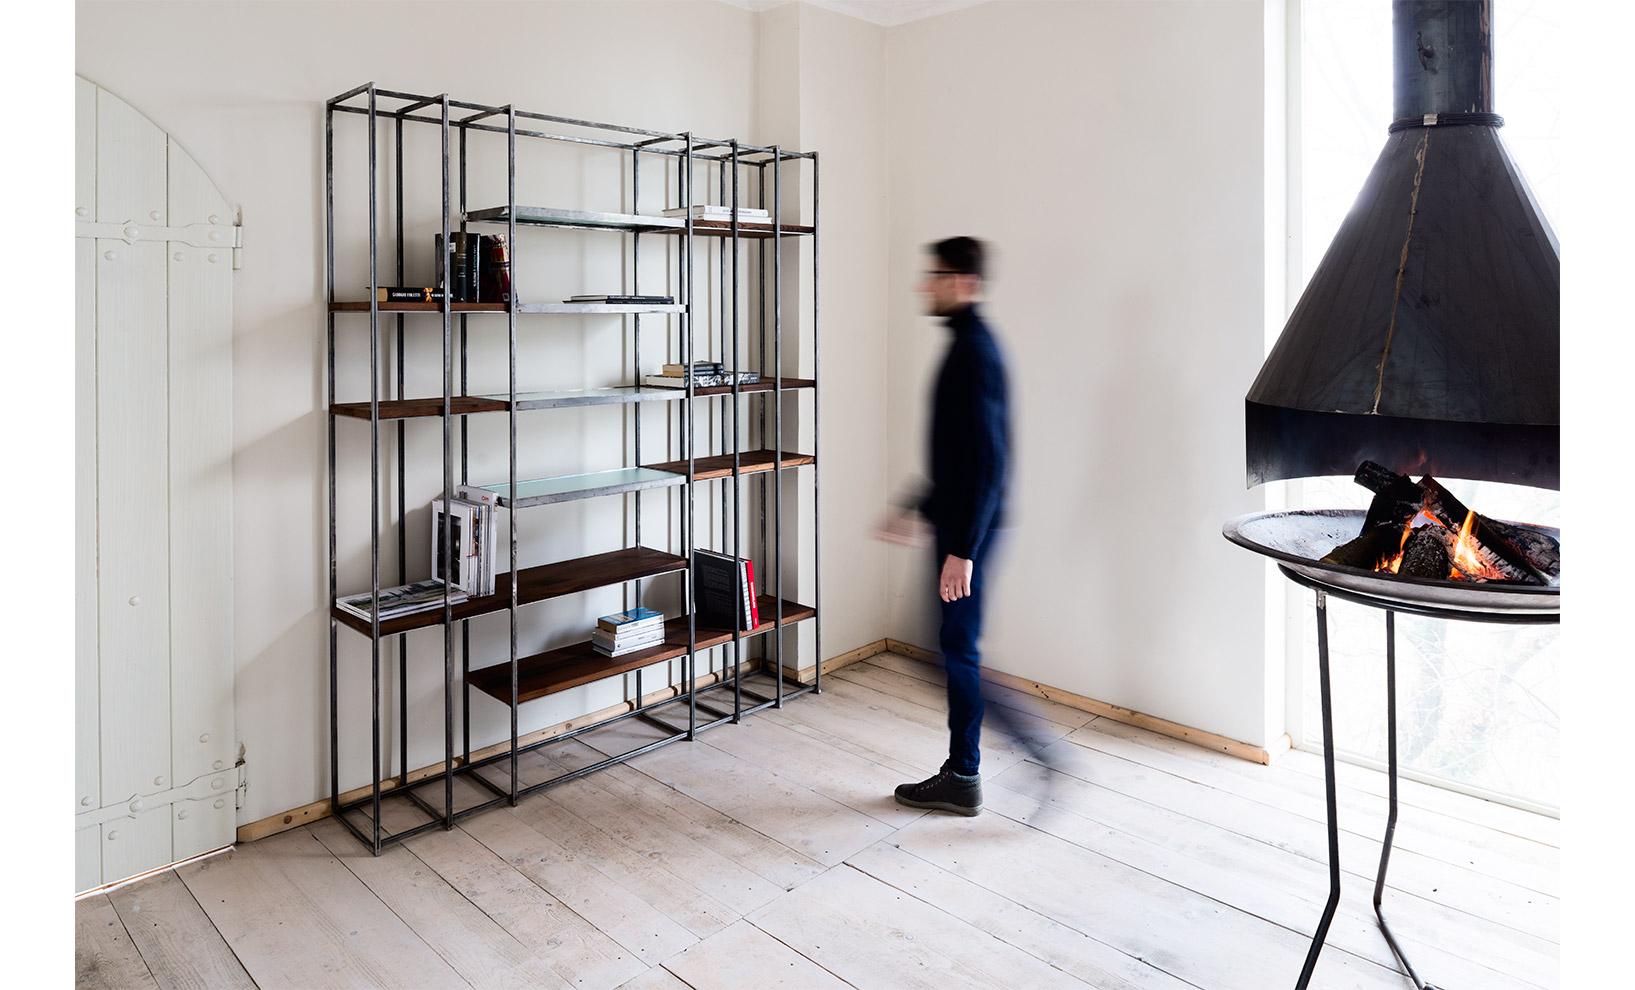 marco-tacchini-photographer-architetto-nutini-bookcase_02